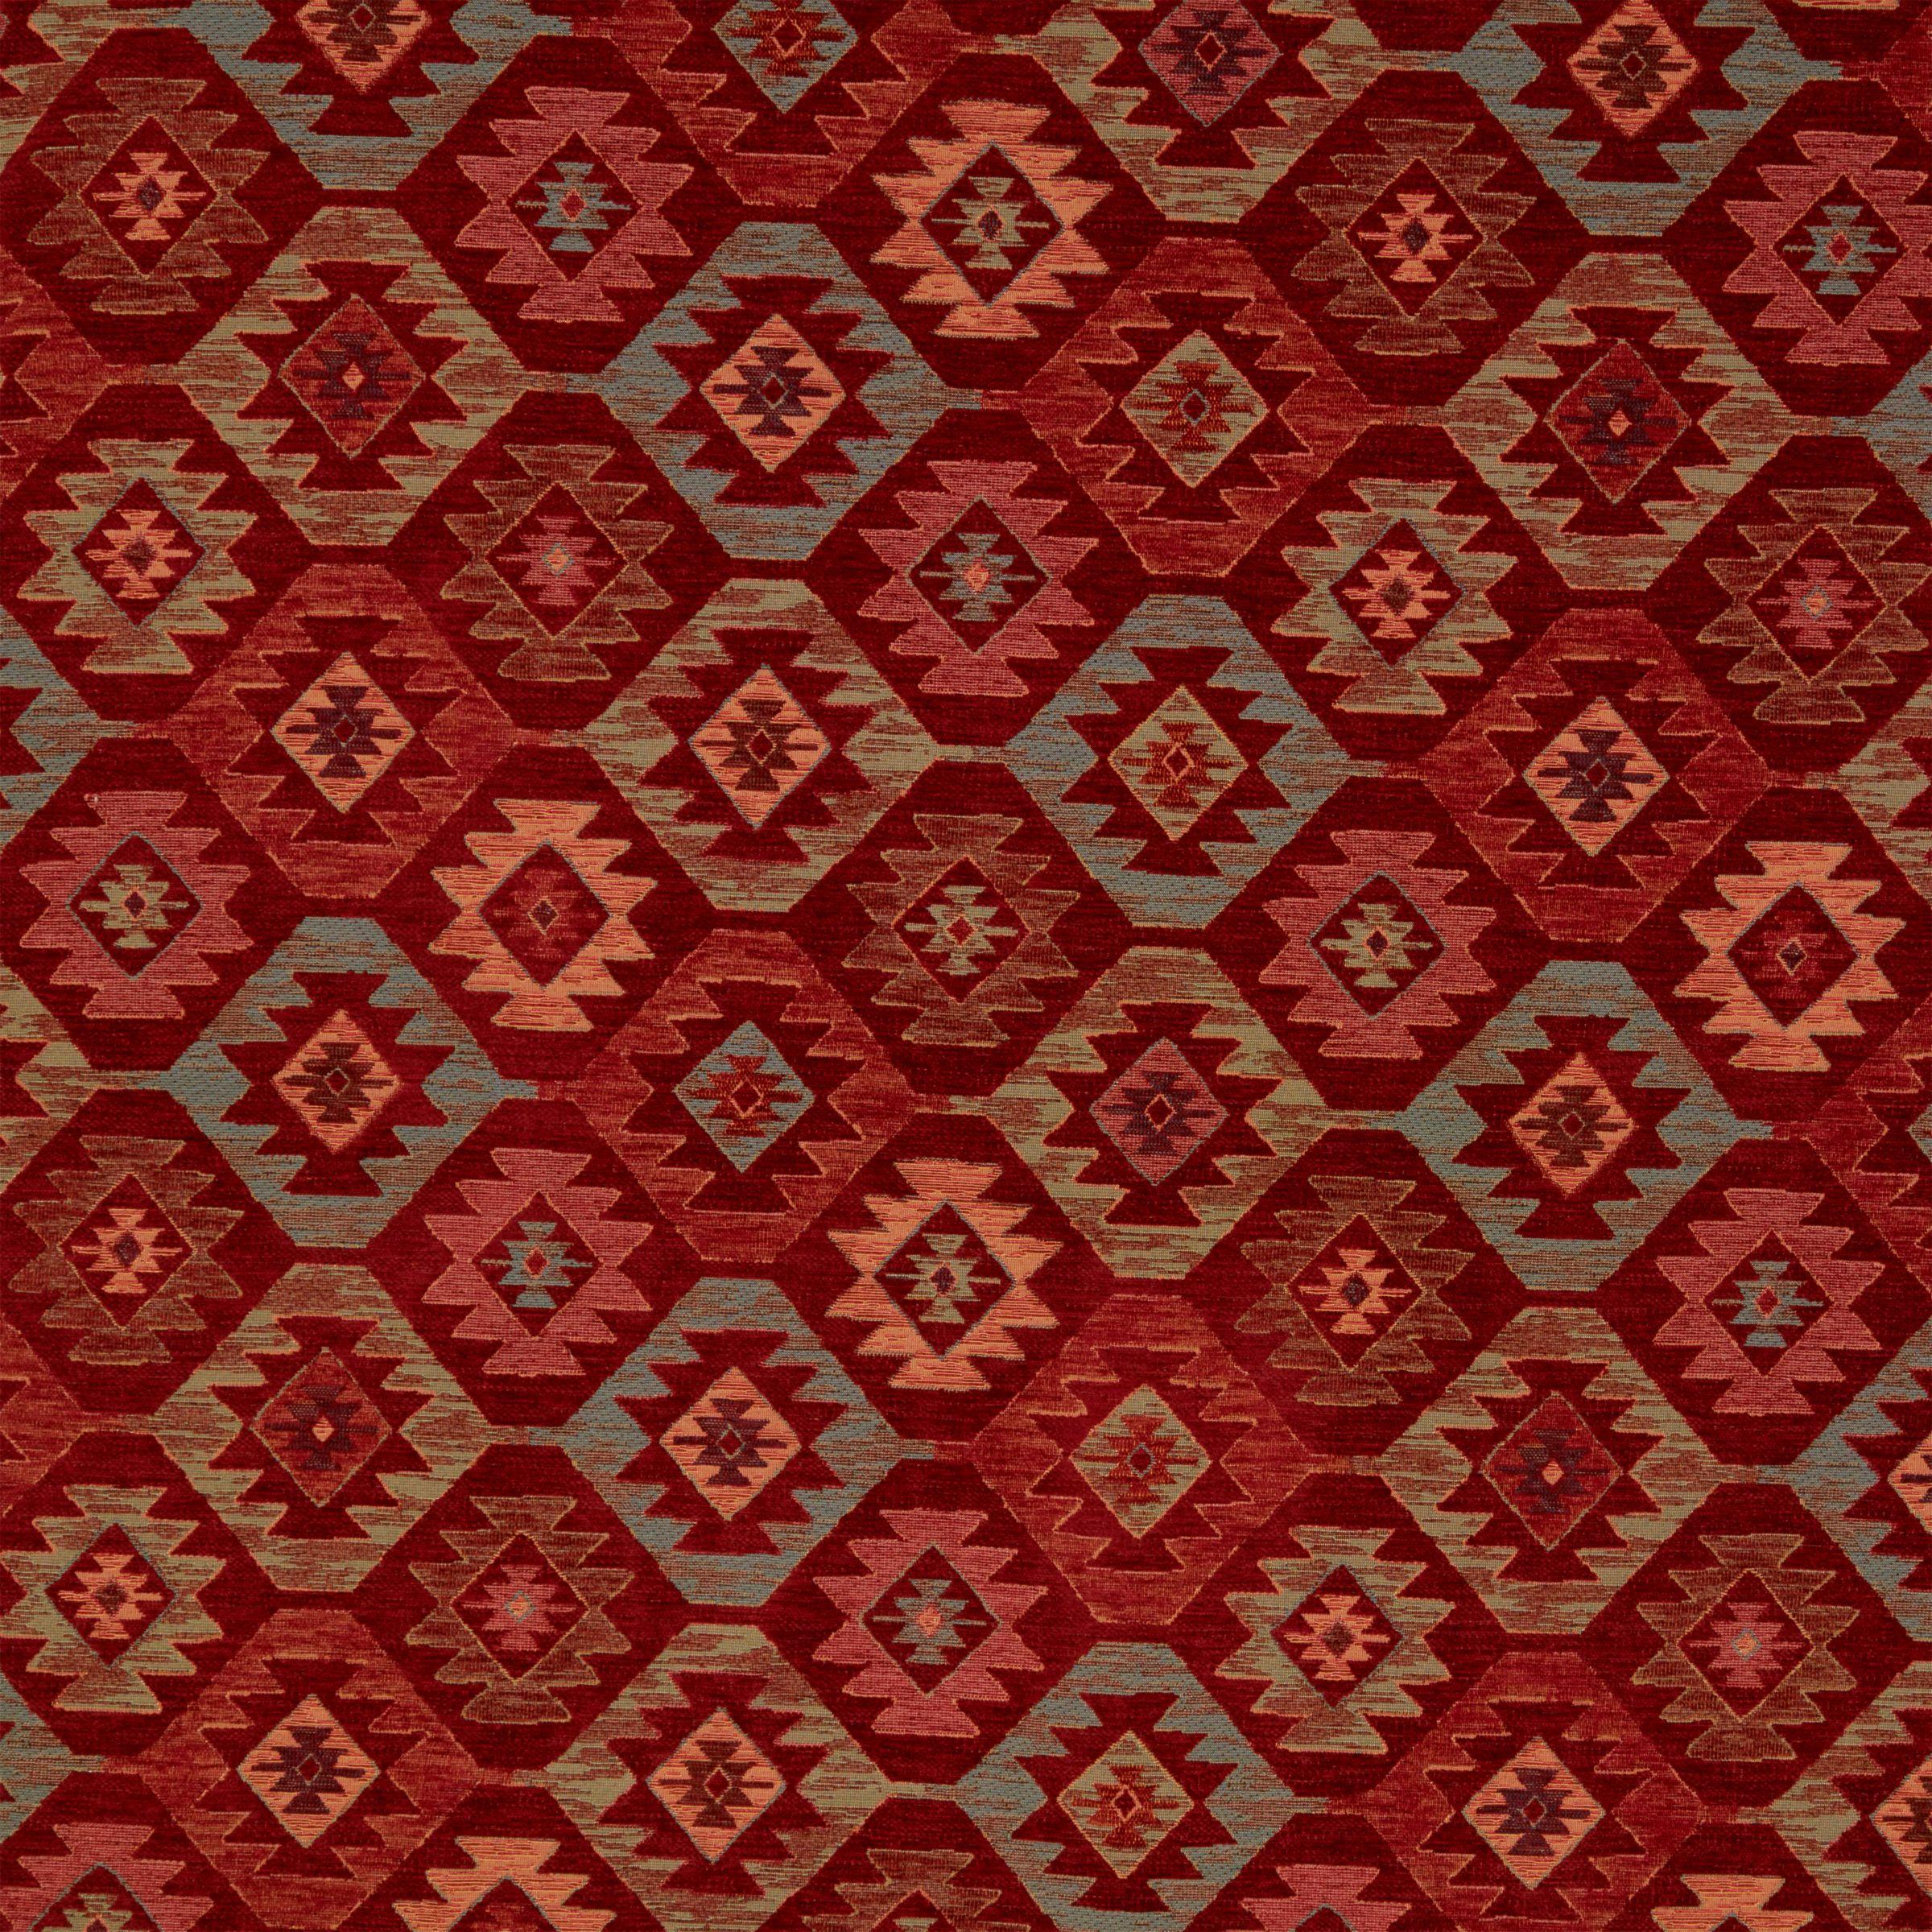 John Lewis John Lewis Talis Diamond Furnishing Fabric, Red